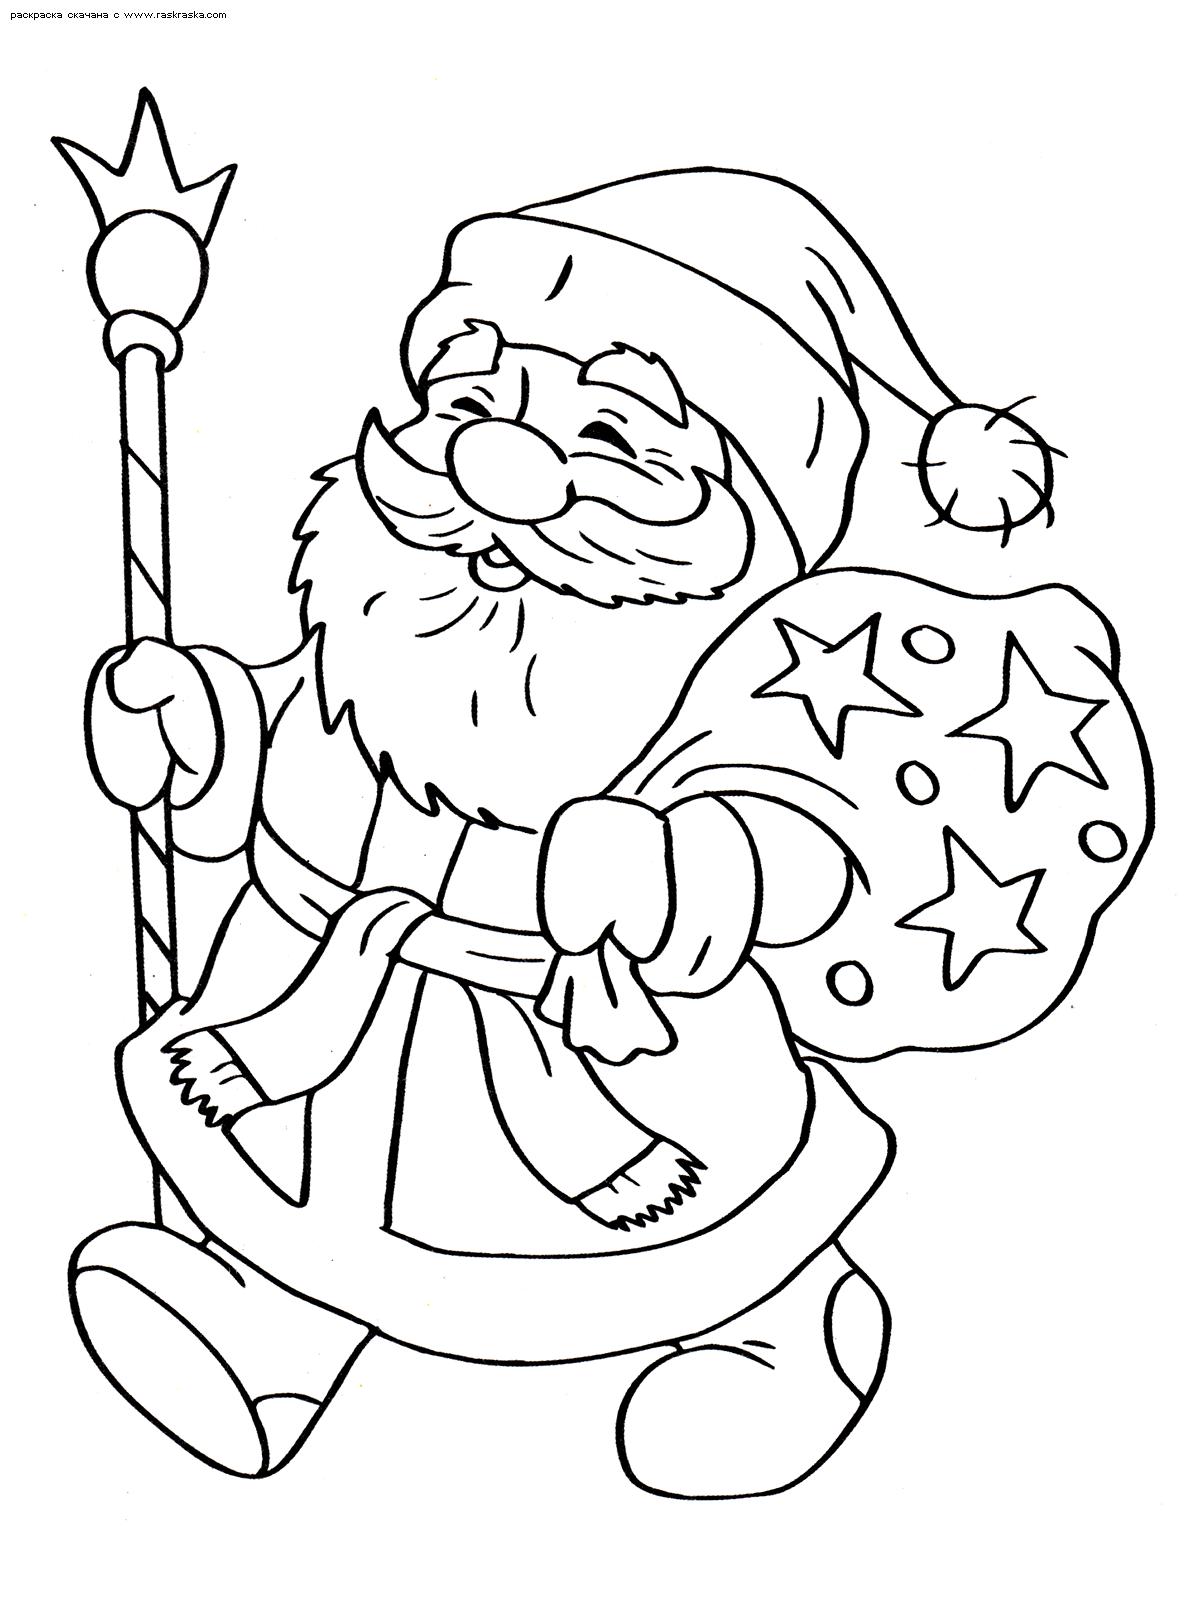 Раскраски Дед Мороз Новый год. Дед Мороз раскраска для детей